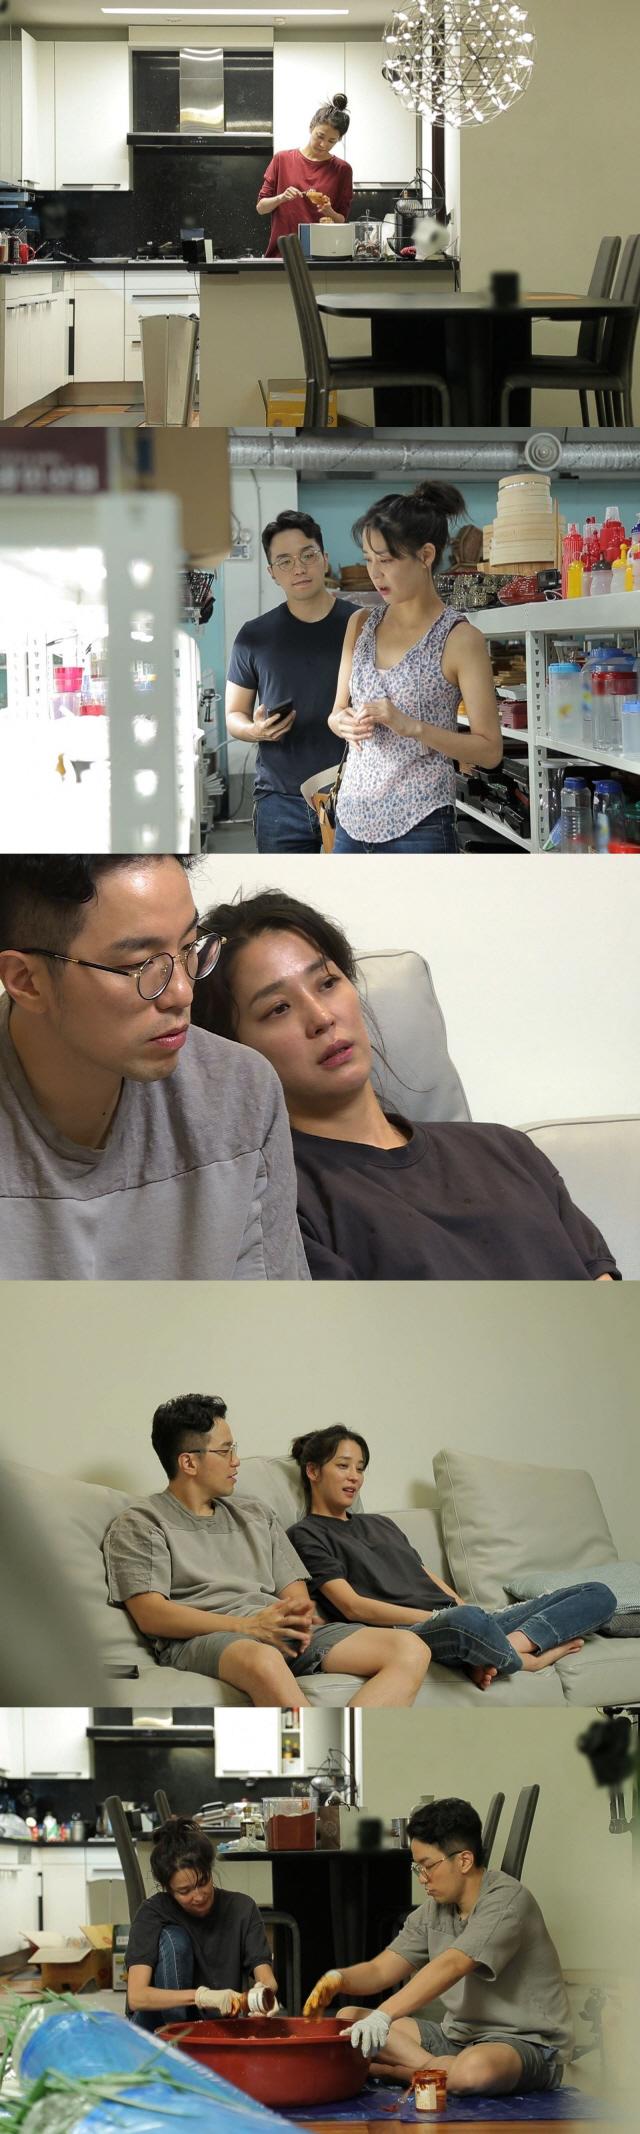 '너는 내 운명' 한고은♥신영수, '수고포차' 개점..100인분 준비에 시작부터 멘붕?!